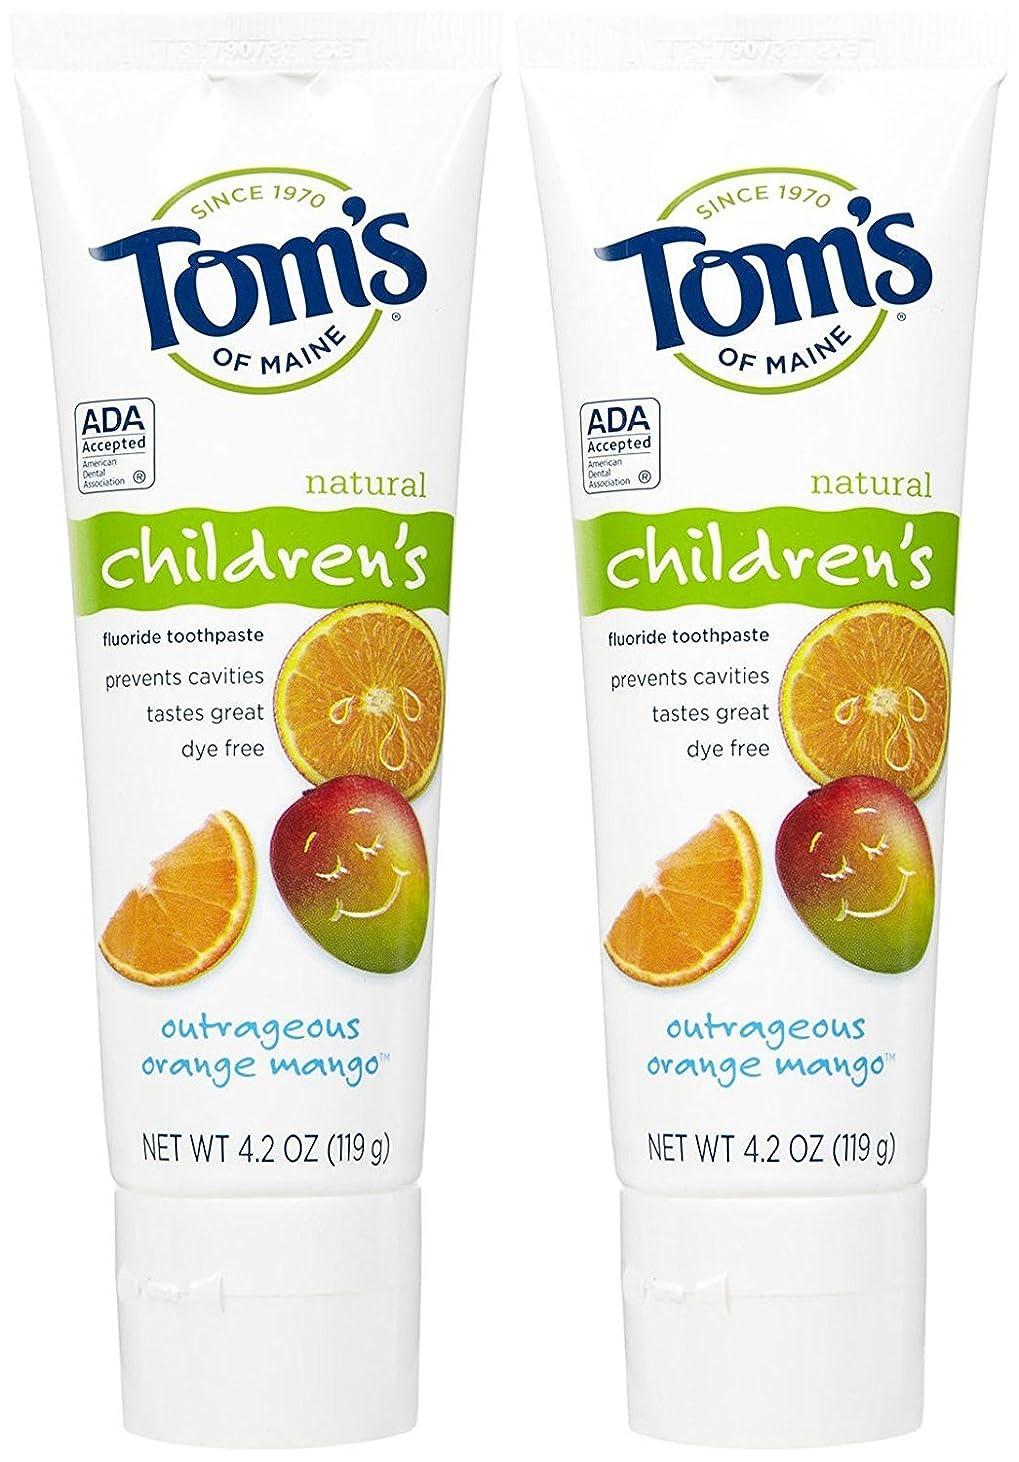 中にメナジェリーバズTom's of Maine Anticavity Fluoride Children's Toothpaste, Outrageous Orange-Mango - 4.2 oz - 2 pk by Tom's of Maine